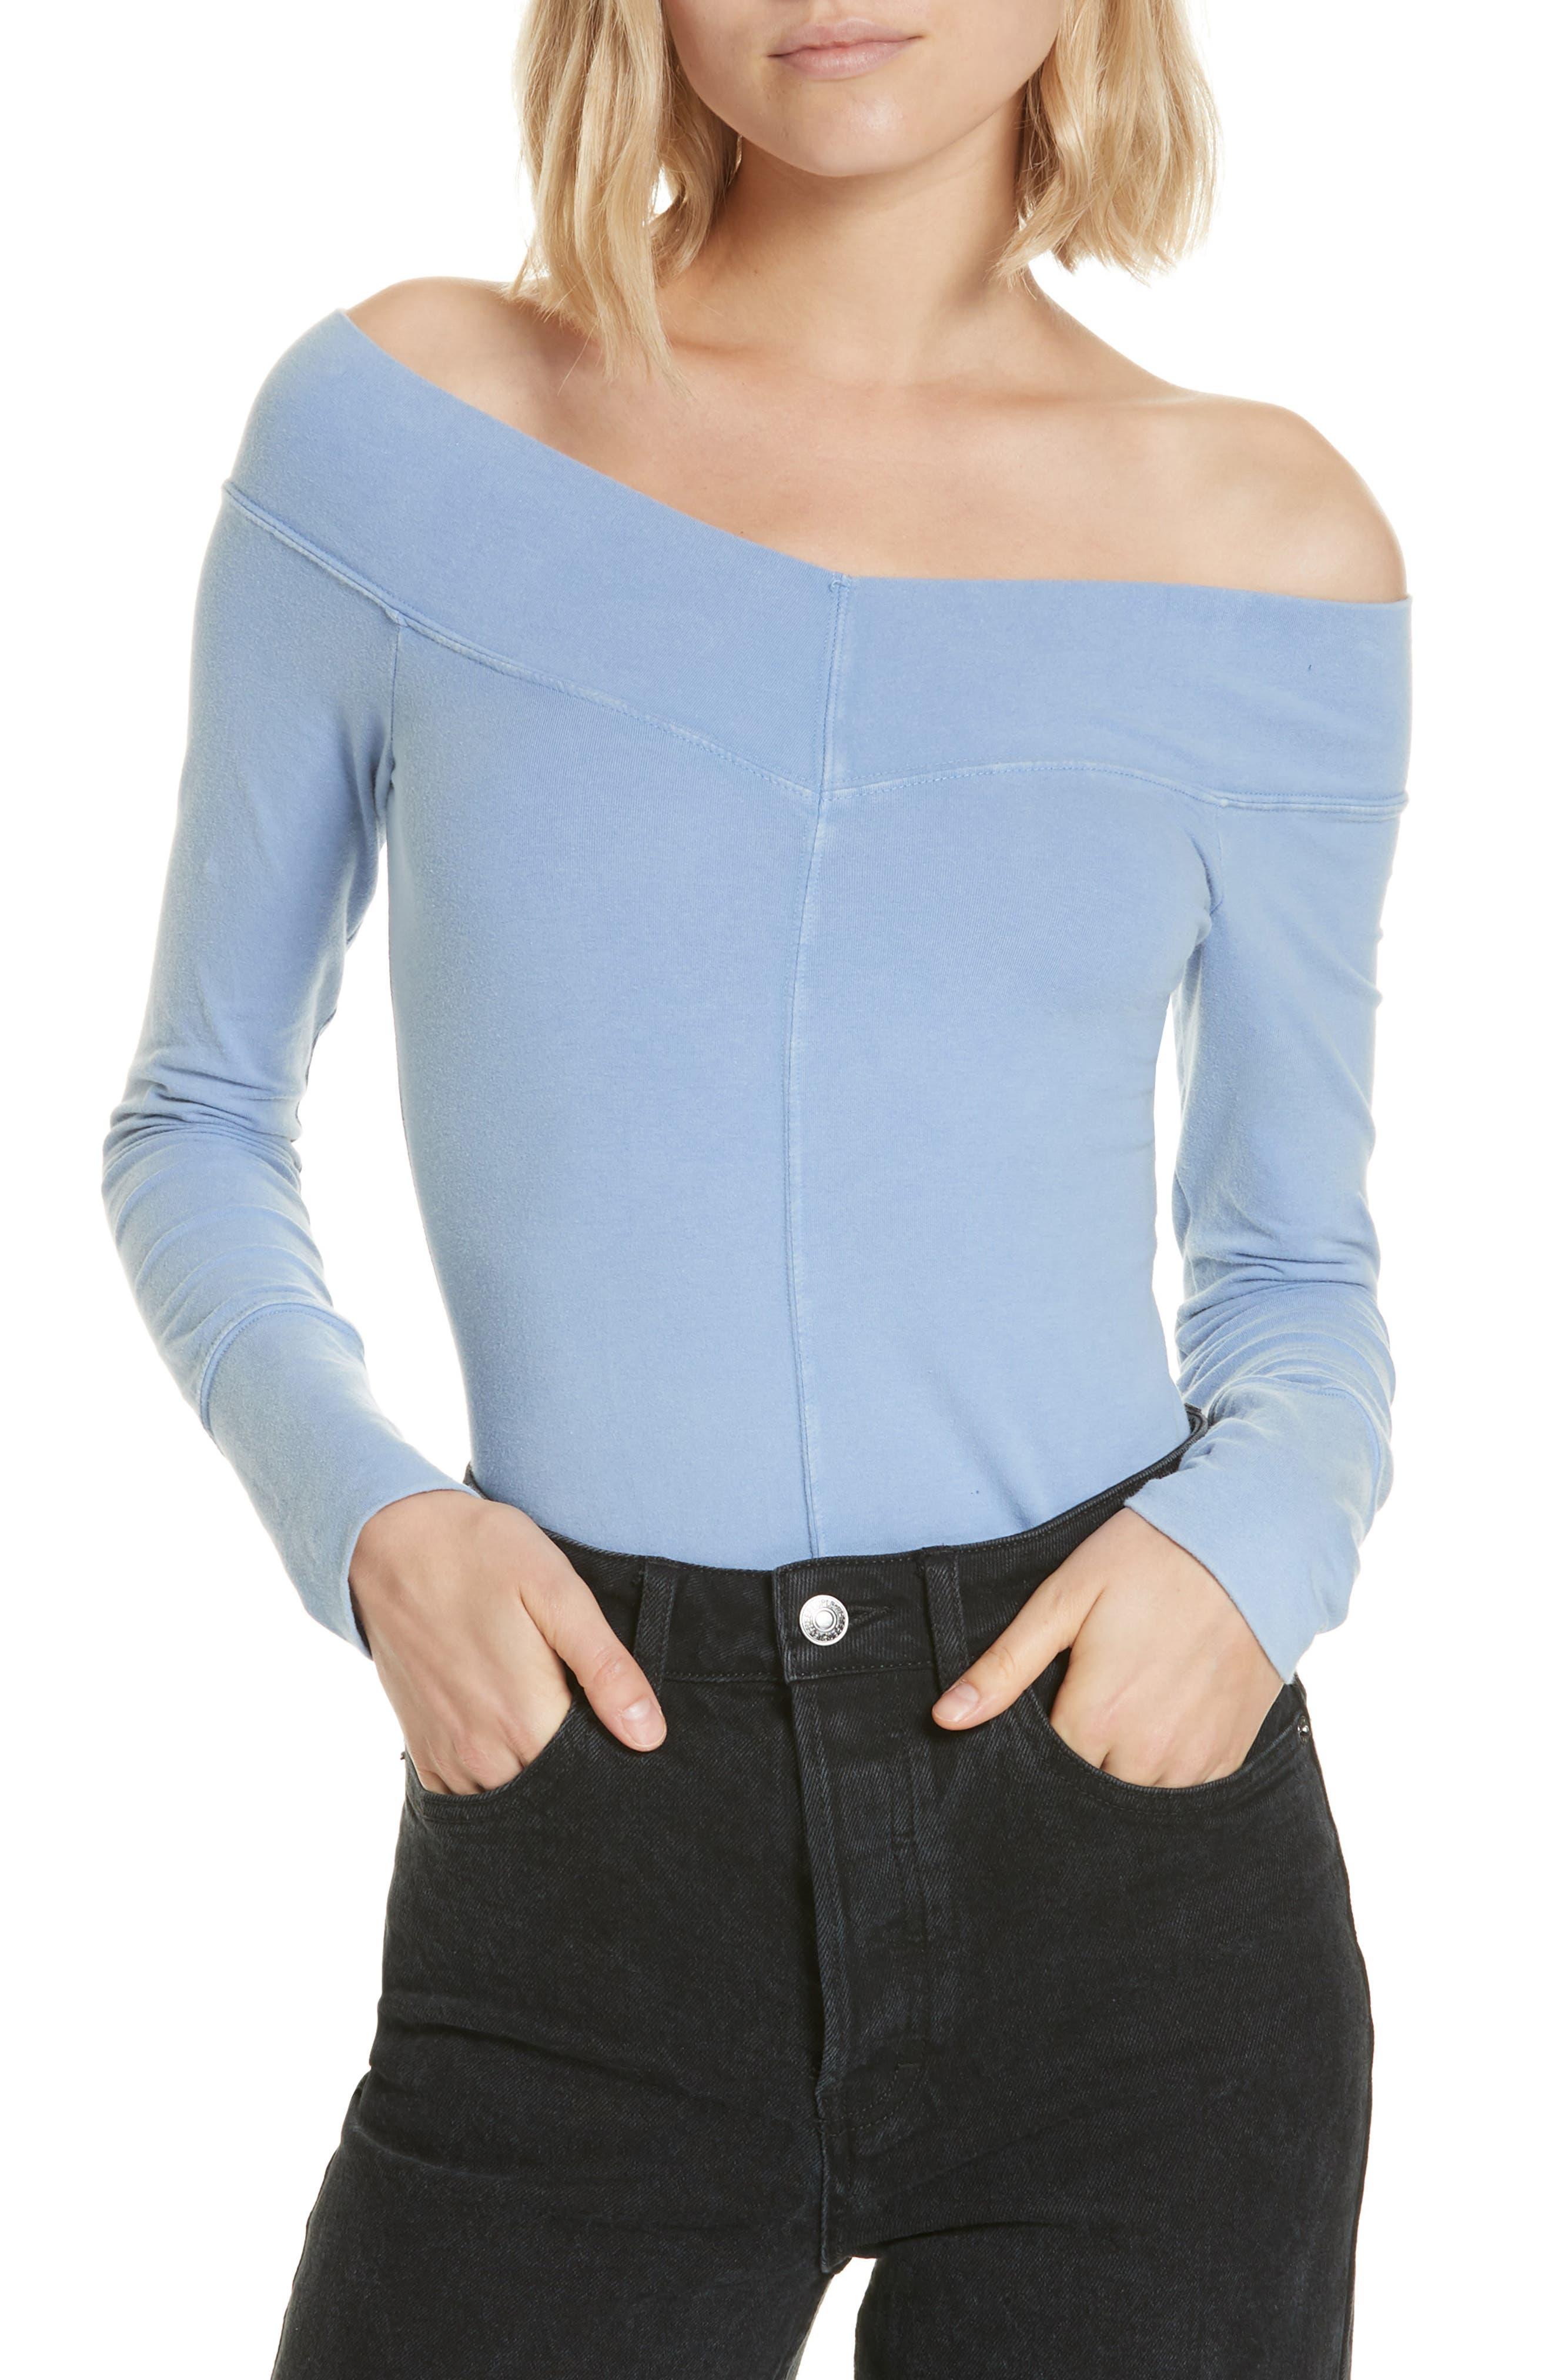 Zone Out Bodysuit,                         Main,                         color, BLUE